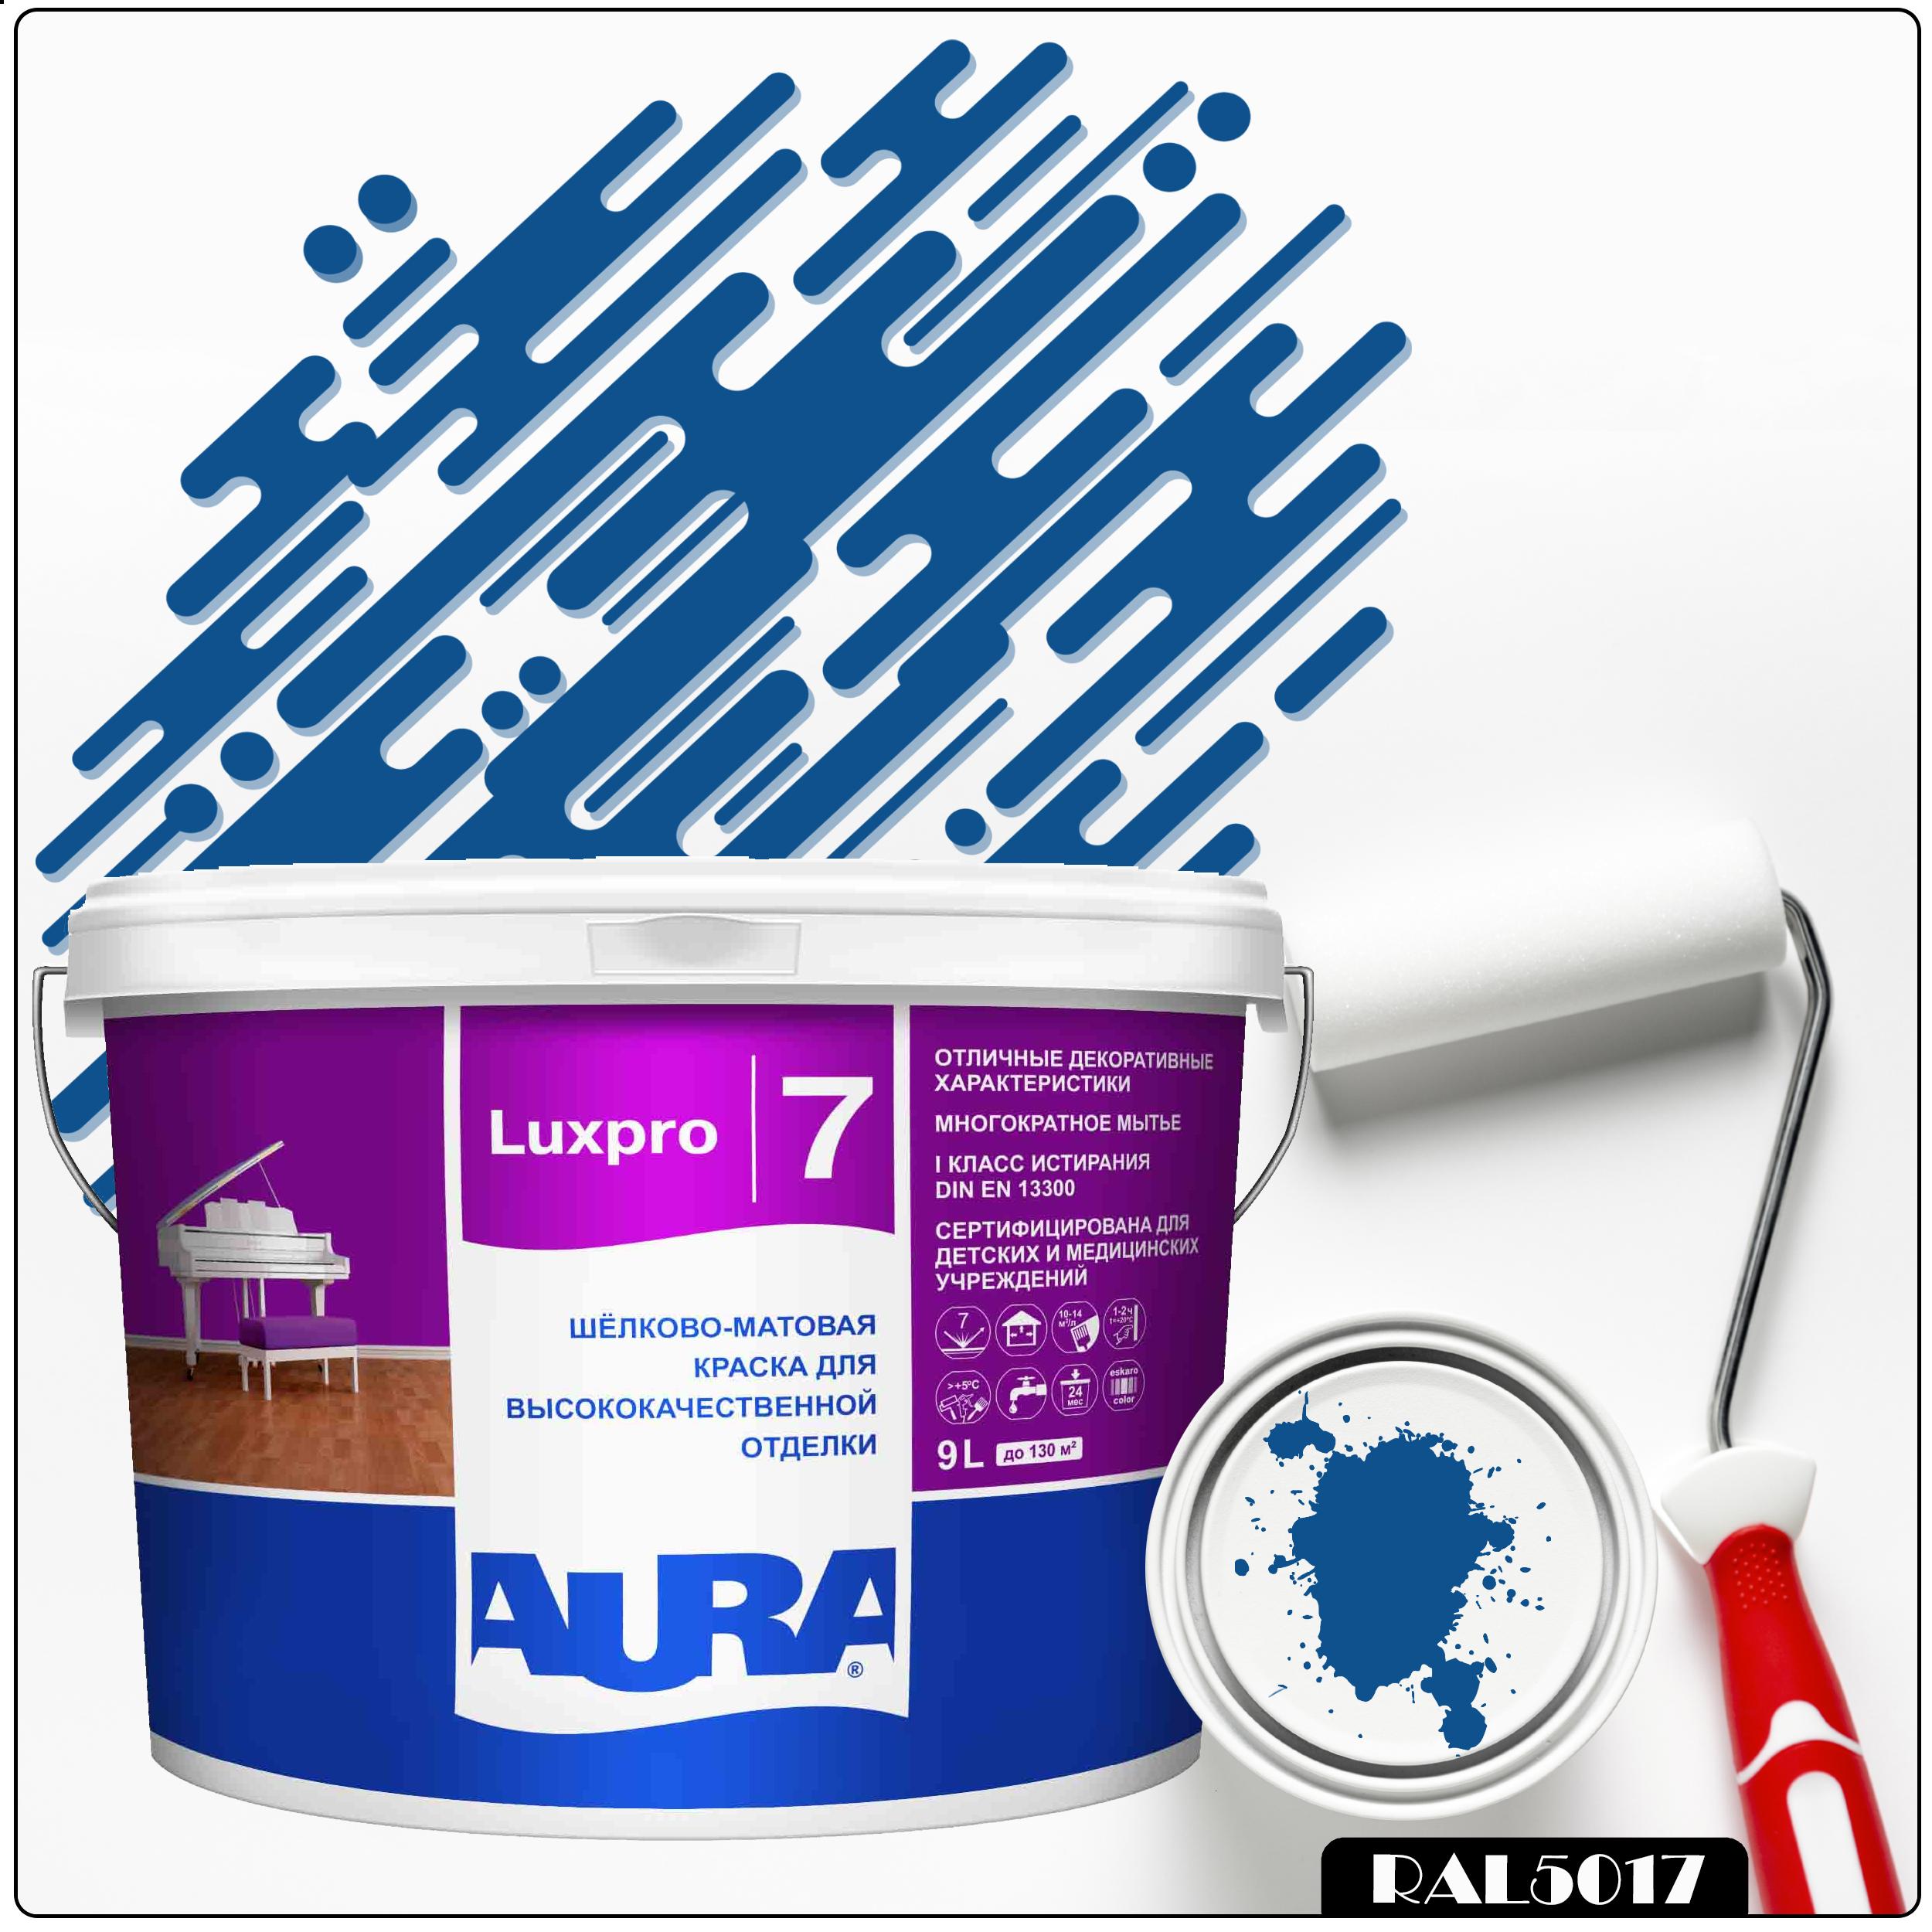 Фото 16 - Краска Aura LuxPRO 7, RAL 5017 Транспортный синий, латексная, шелково-матовая, интерьерная, 9л, Аура.